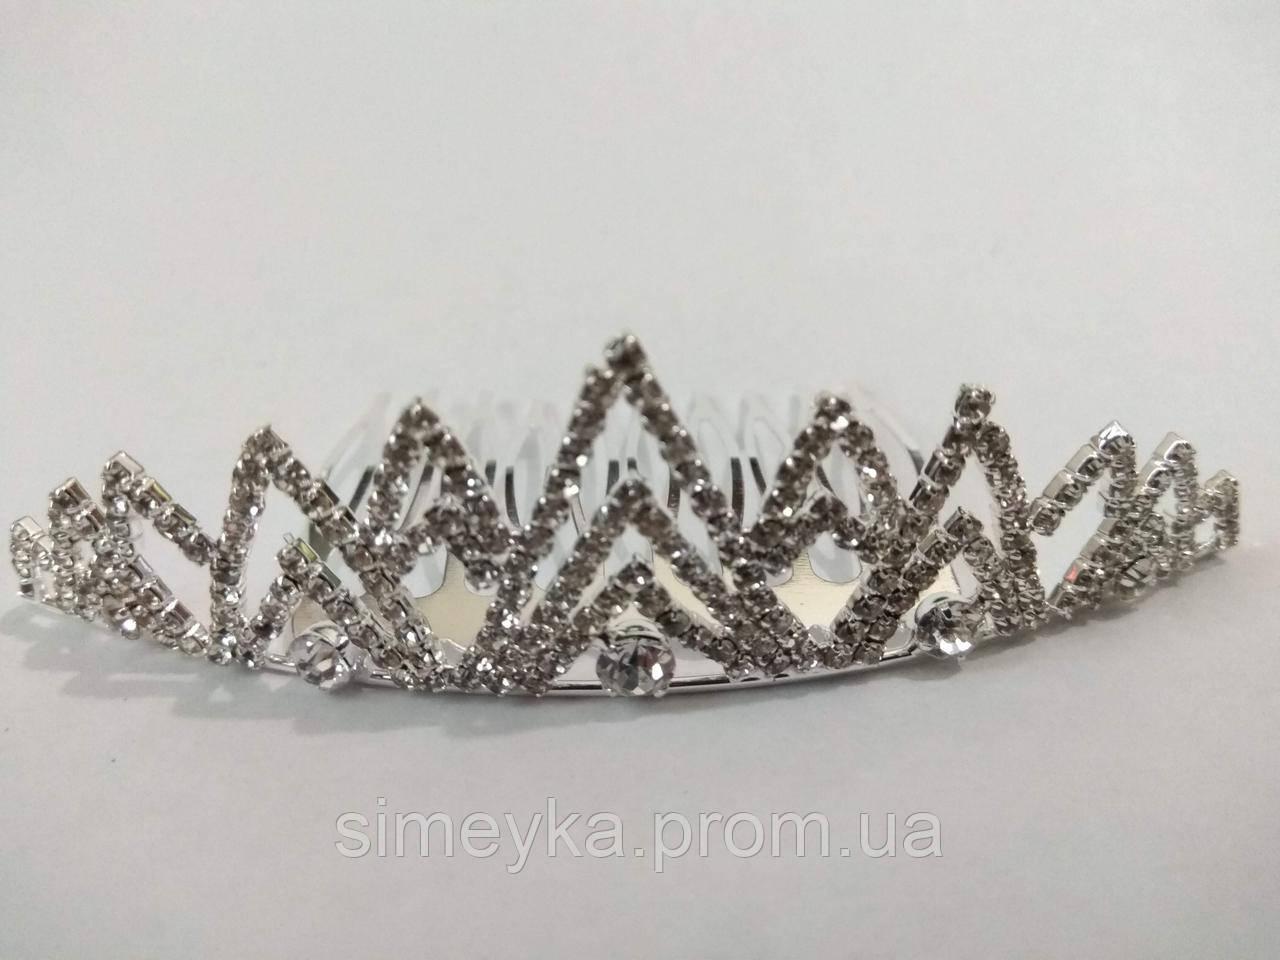 Діадема (корона, тіара) на гребінці, довжина 9 см, висота 2,8 см